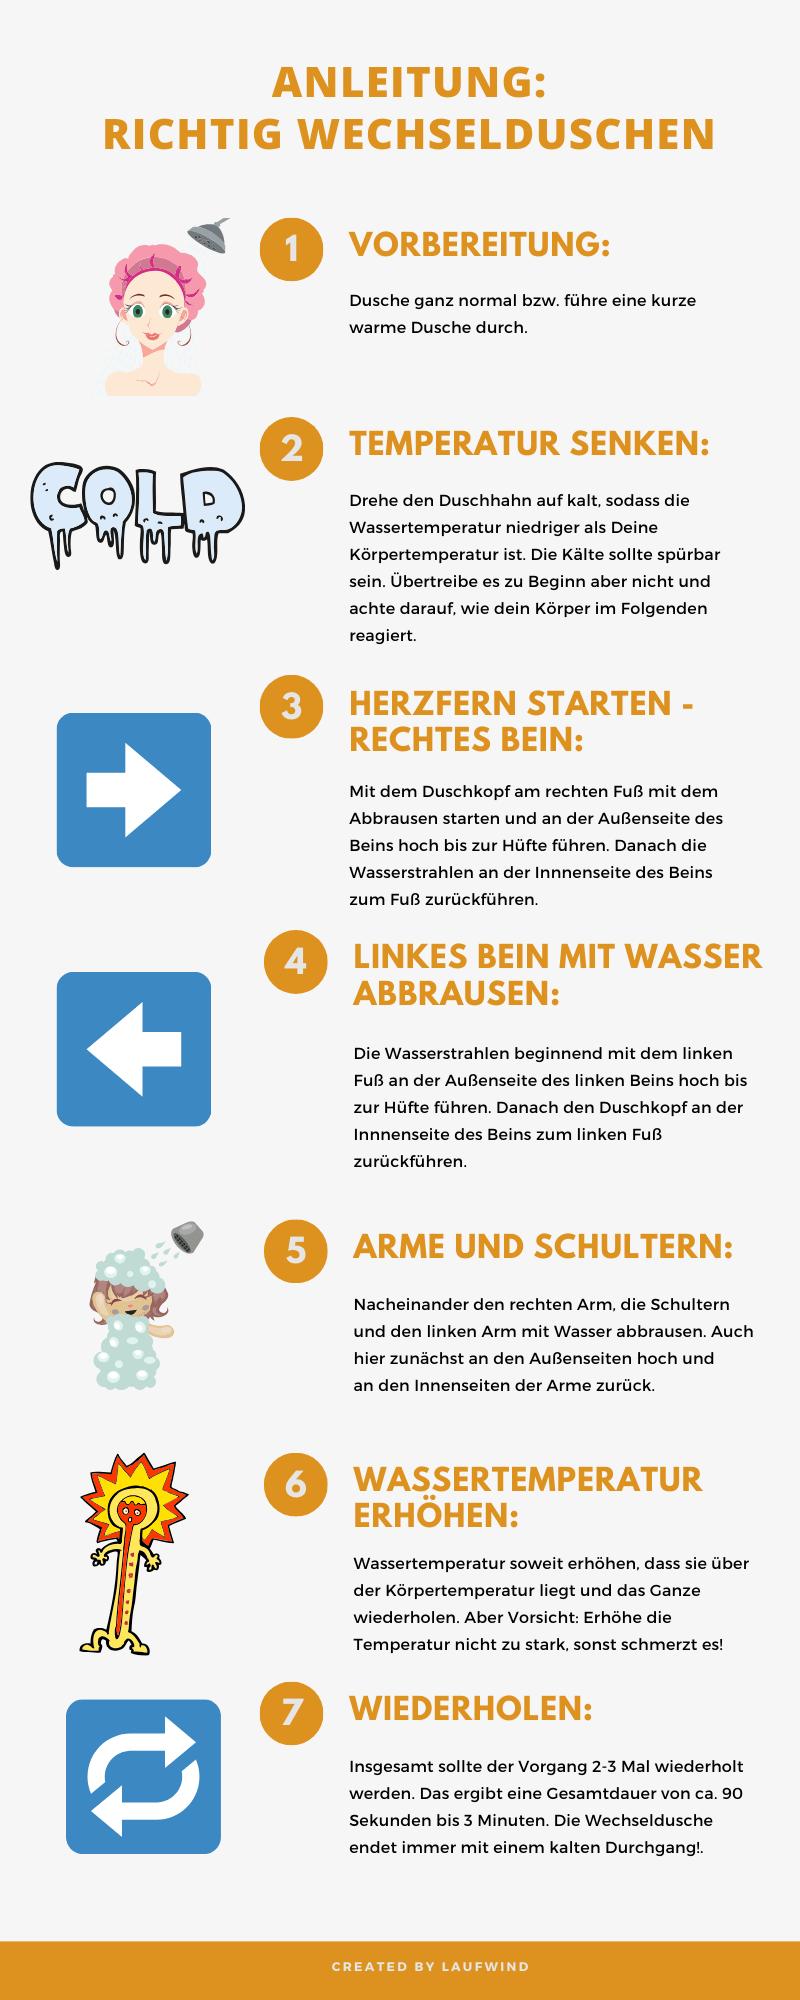 Wechselduschen-Anleitung-Infografik